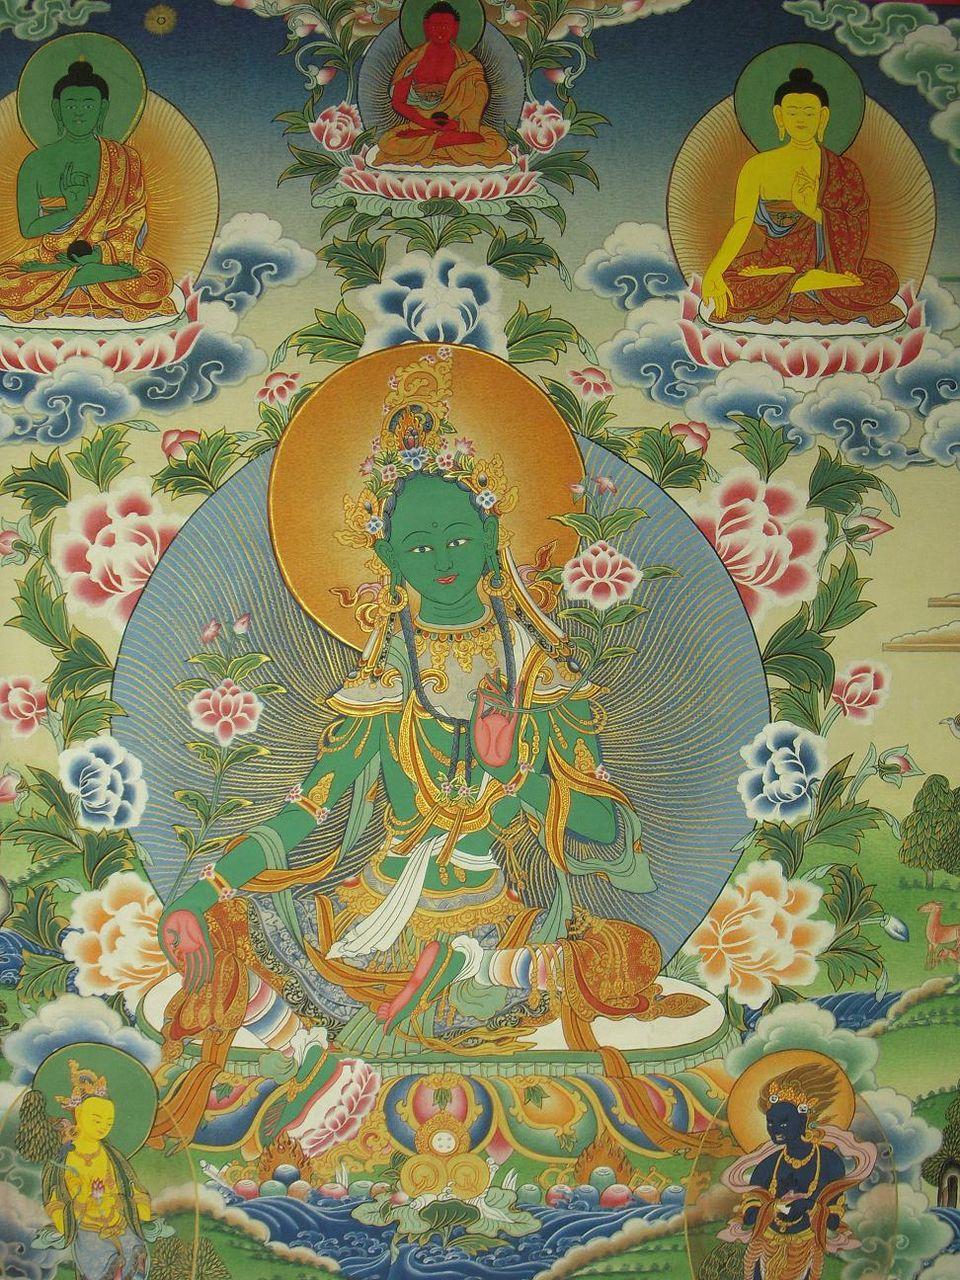 このターラ菩薩さまは、何時でも人々の救済のために飛び出せるように右足を前に出しているようです。私